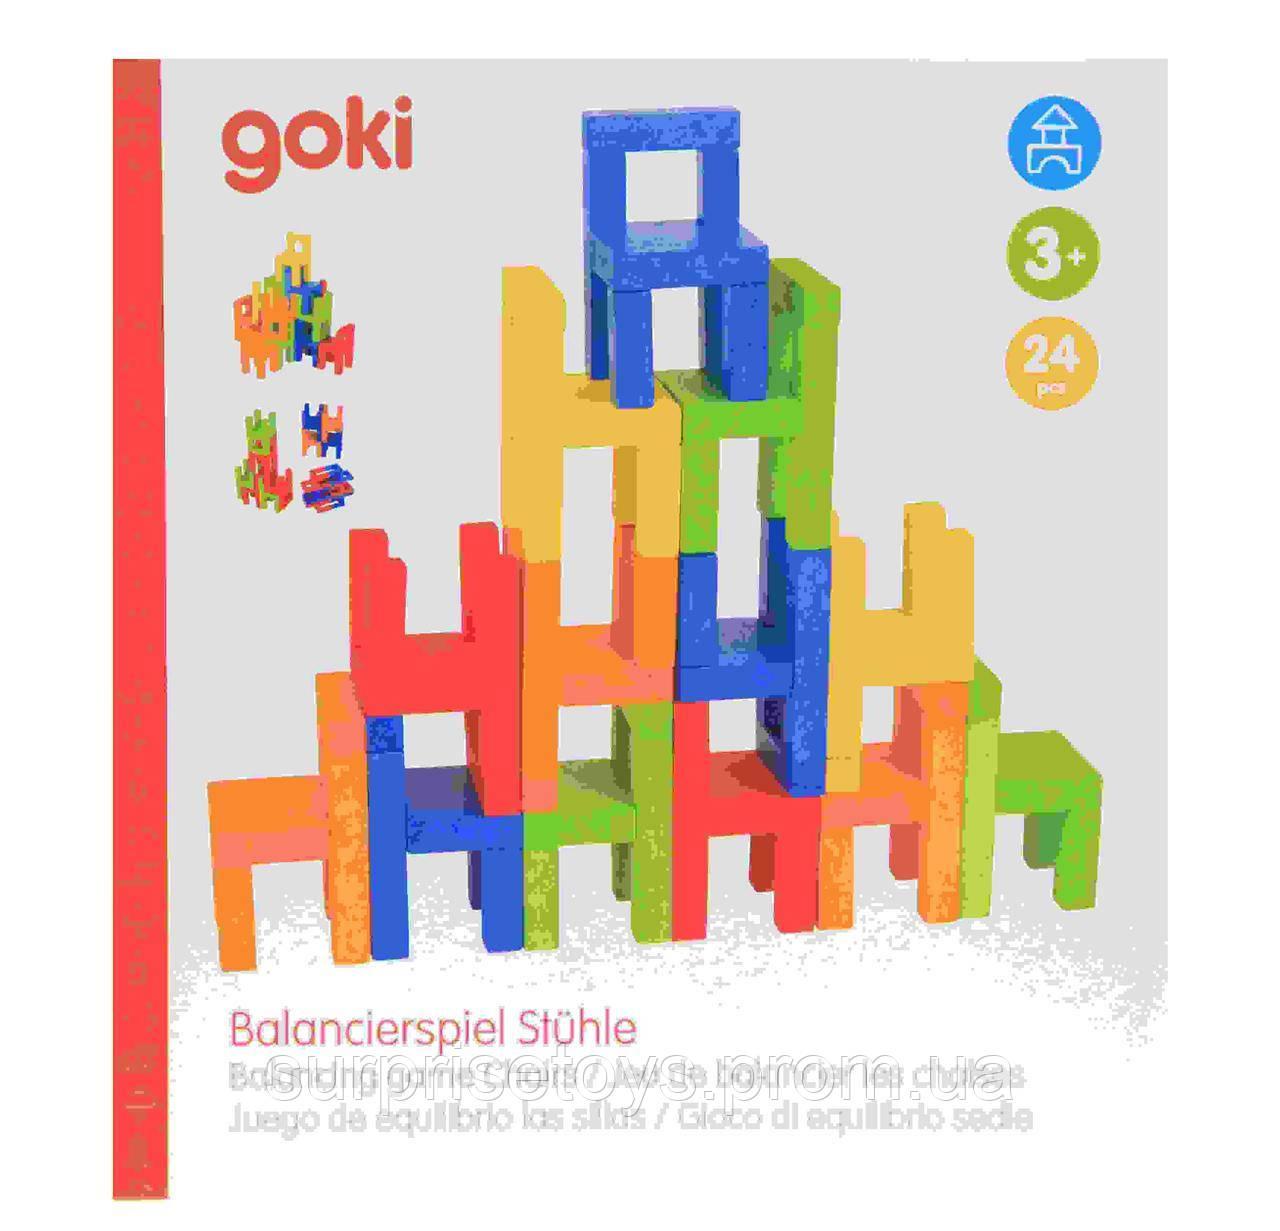 Goki Развивающая Балансирующие 56929 стулья игра sBtQxhCrd